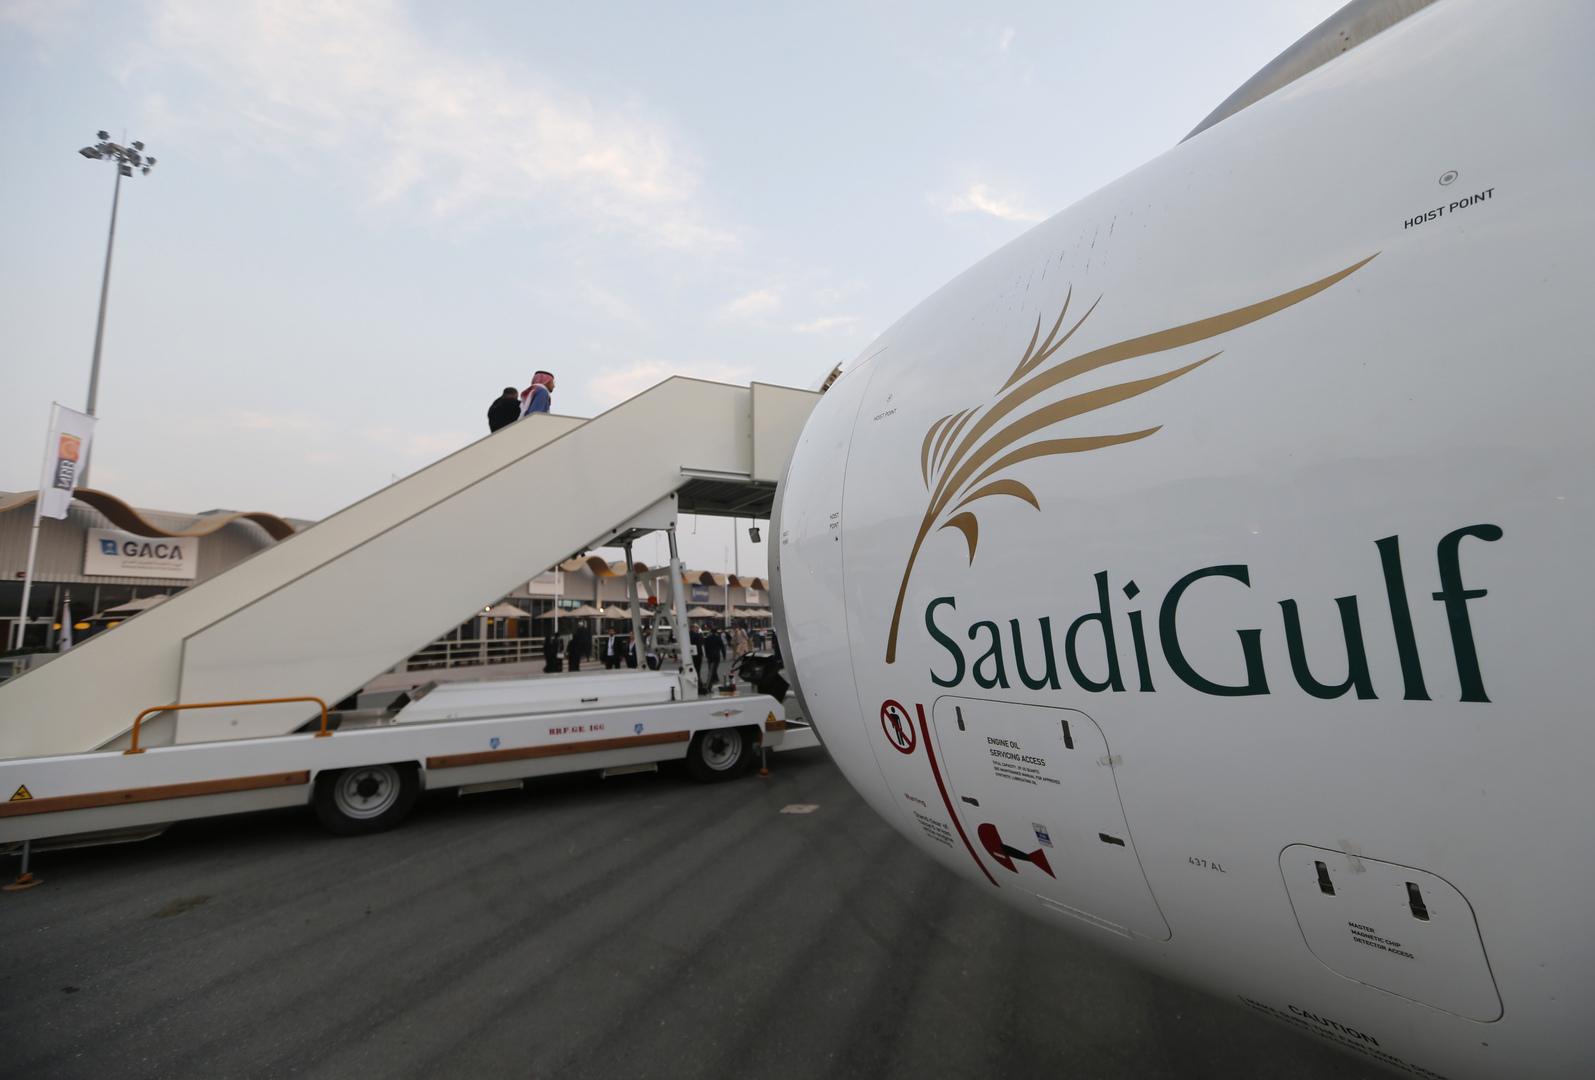 الطيران السعودي يتحدث حول موعد استئناف الرحلات الدولية